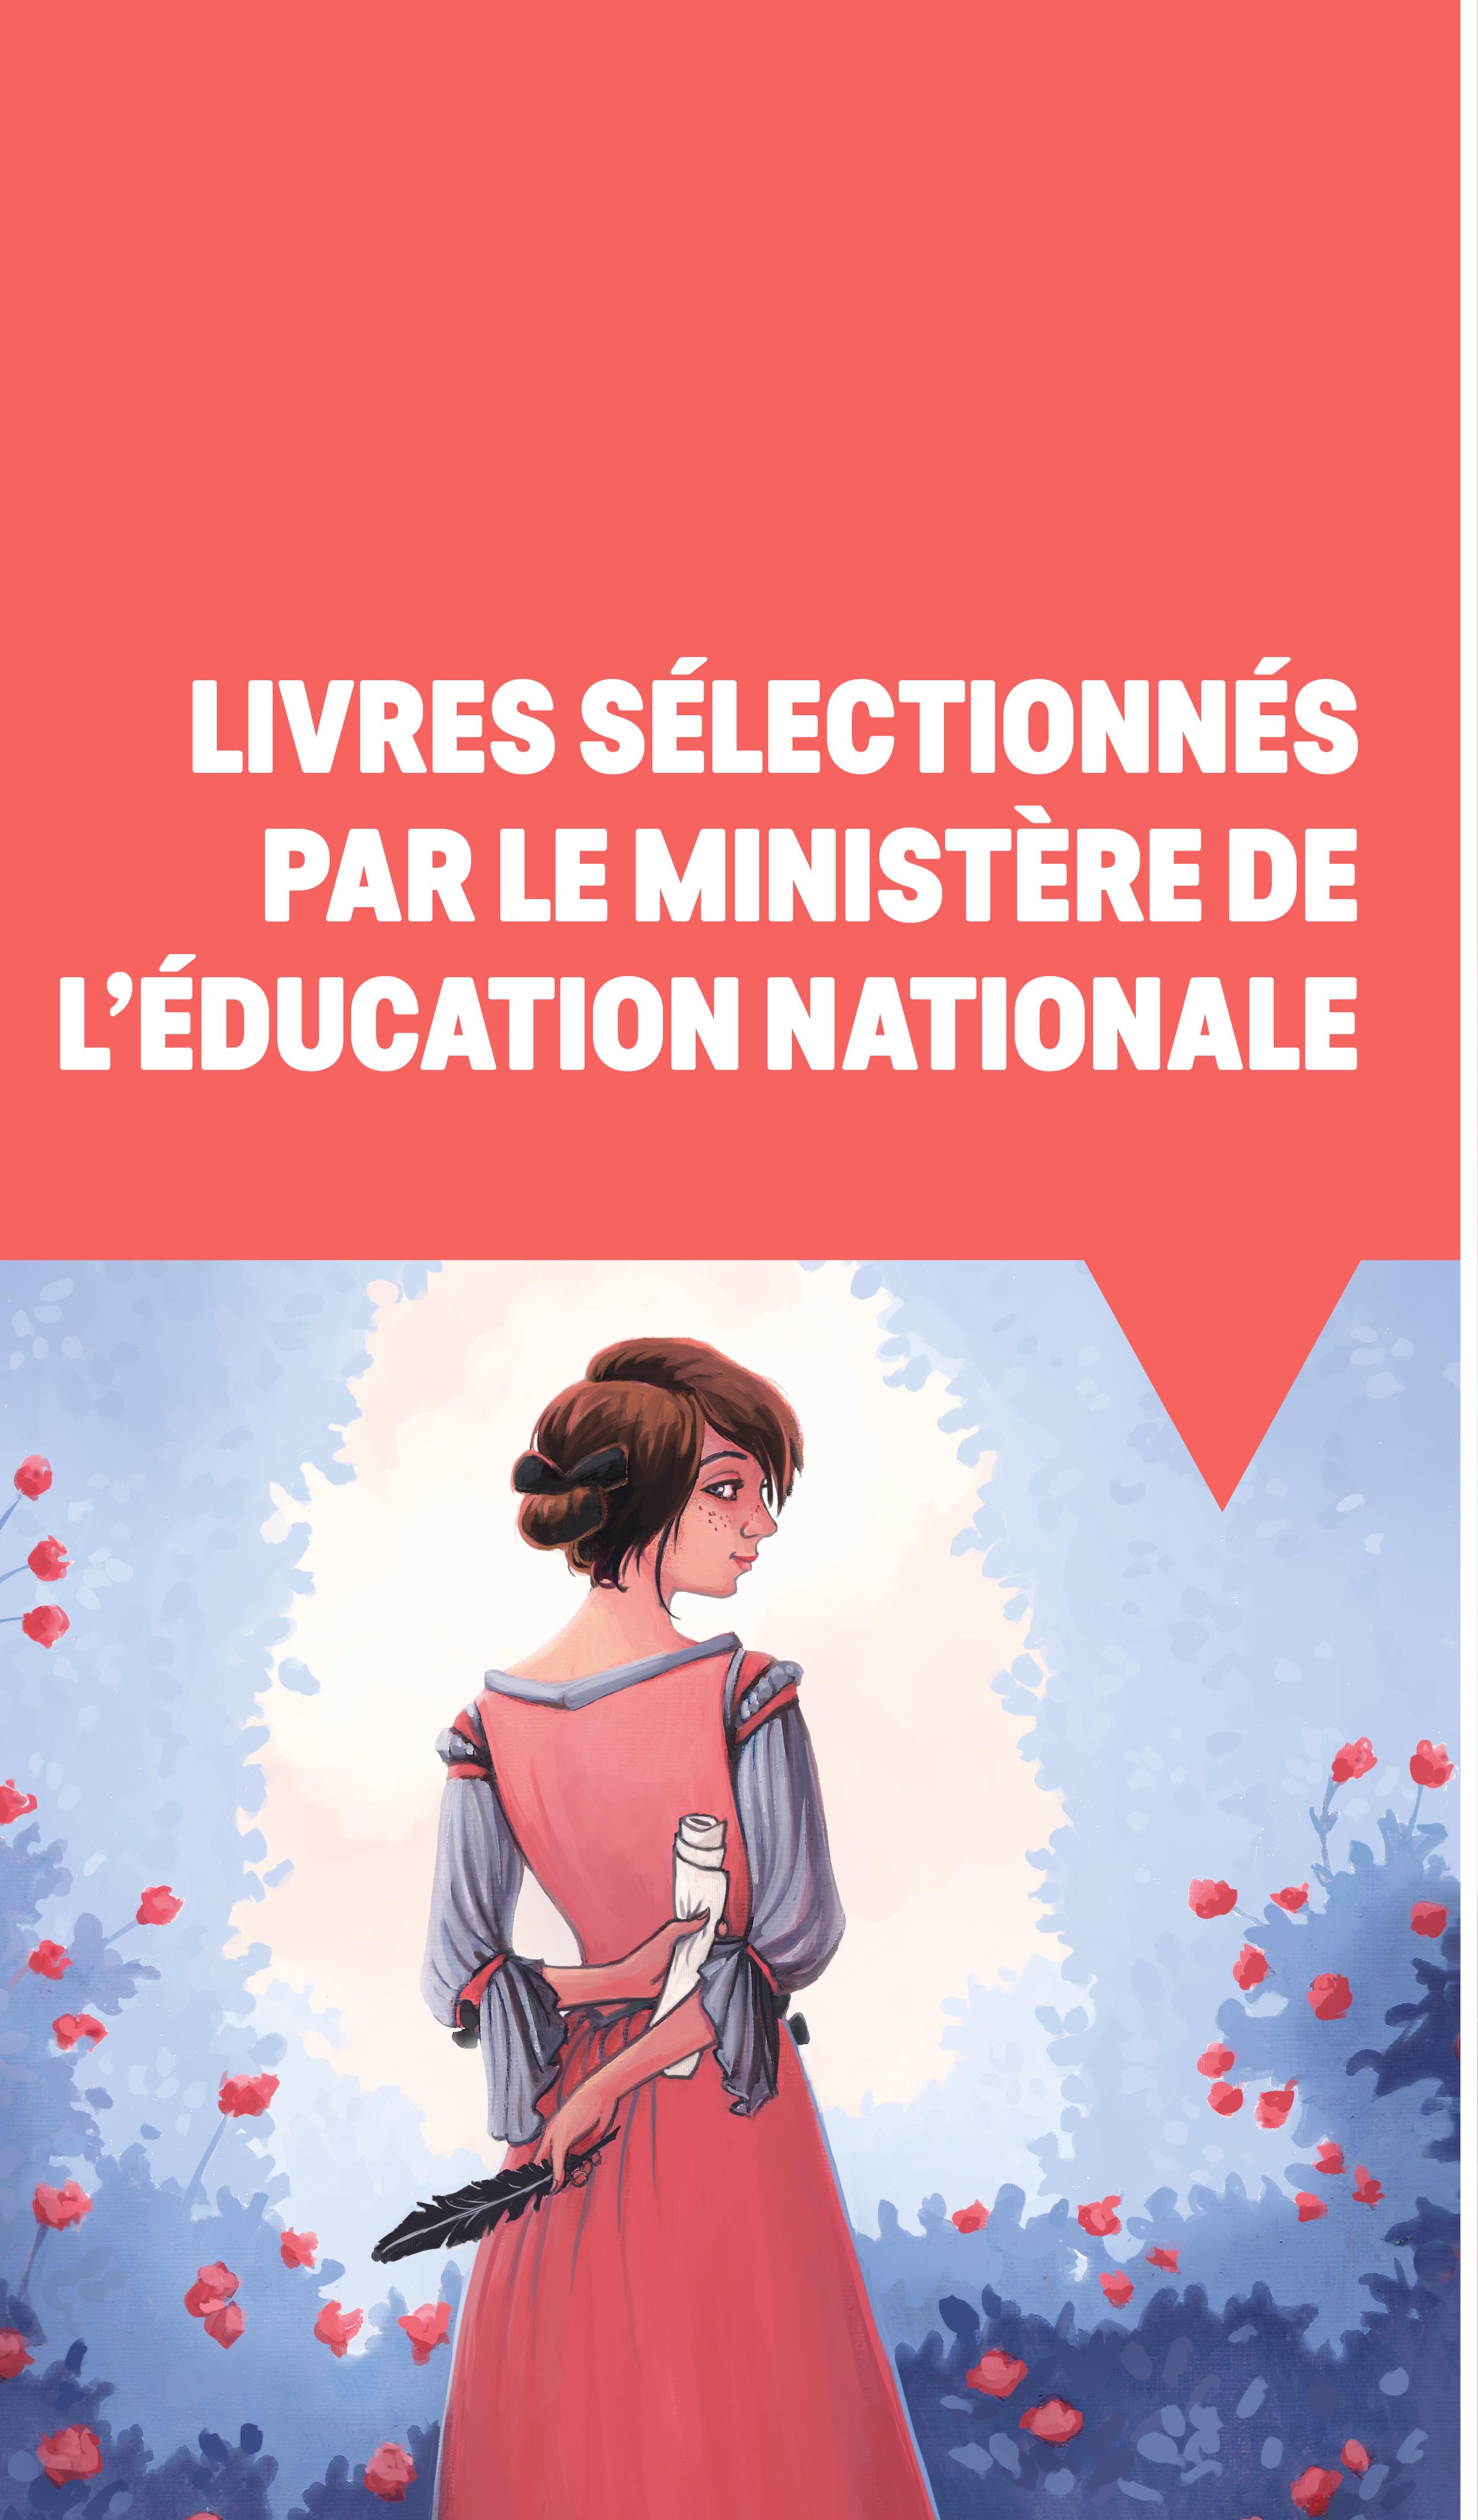 Livres sélection Ministère Education nationale